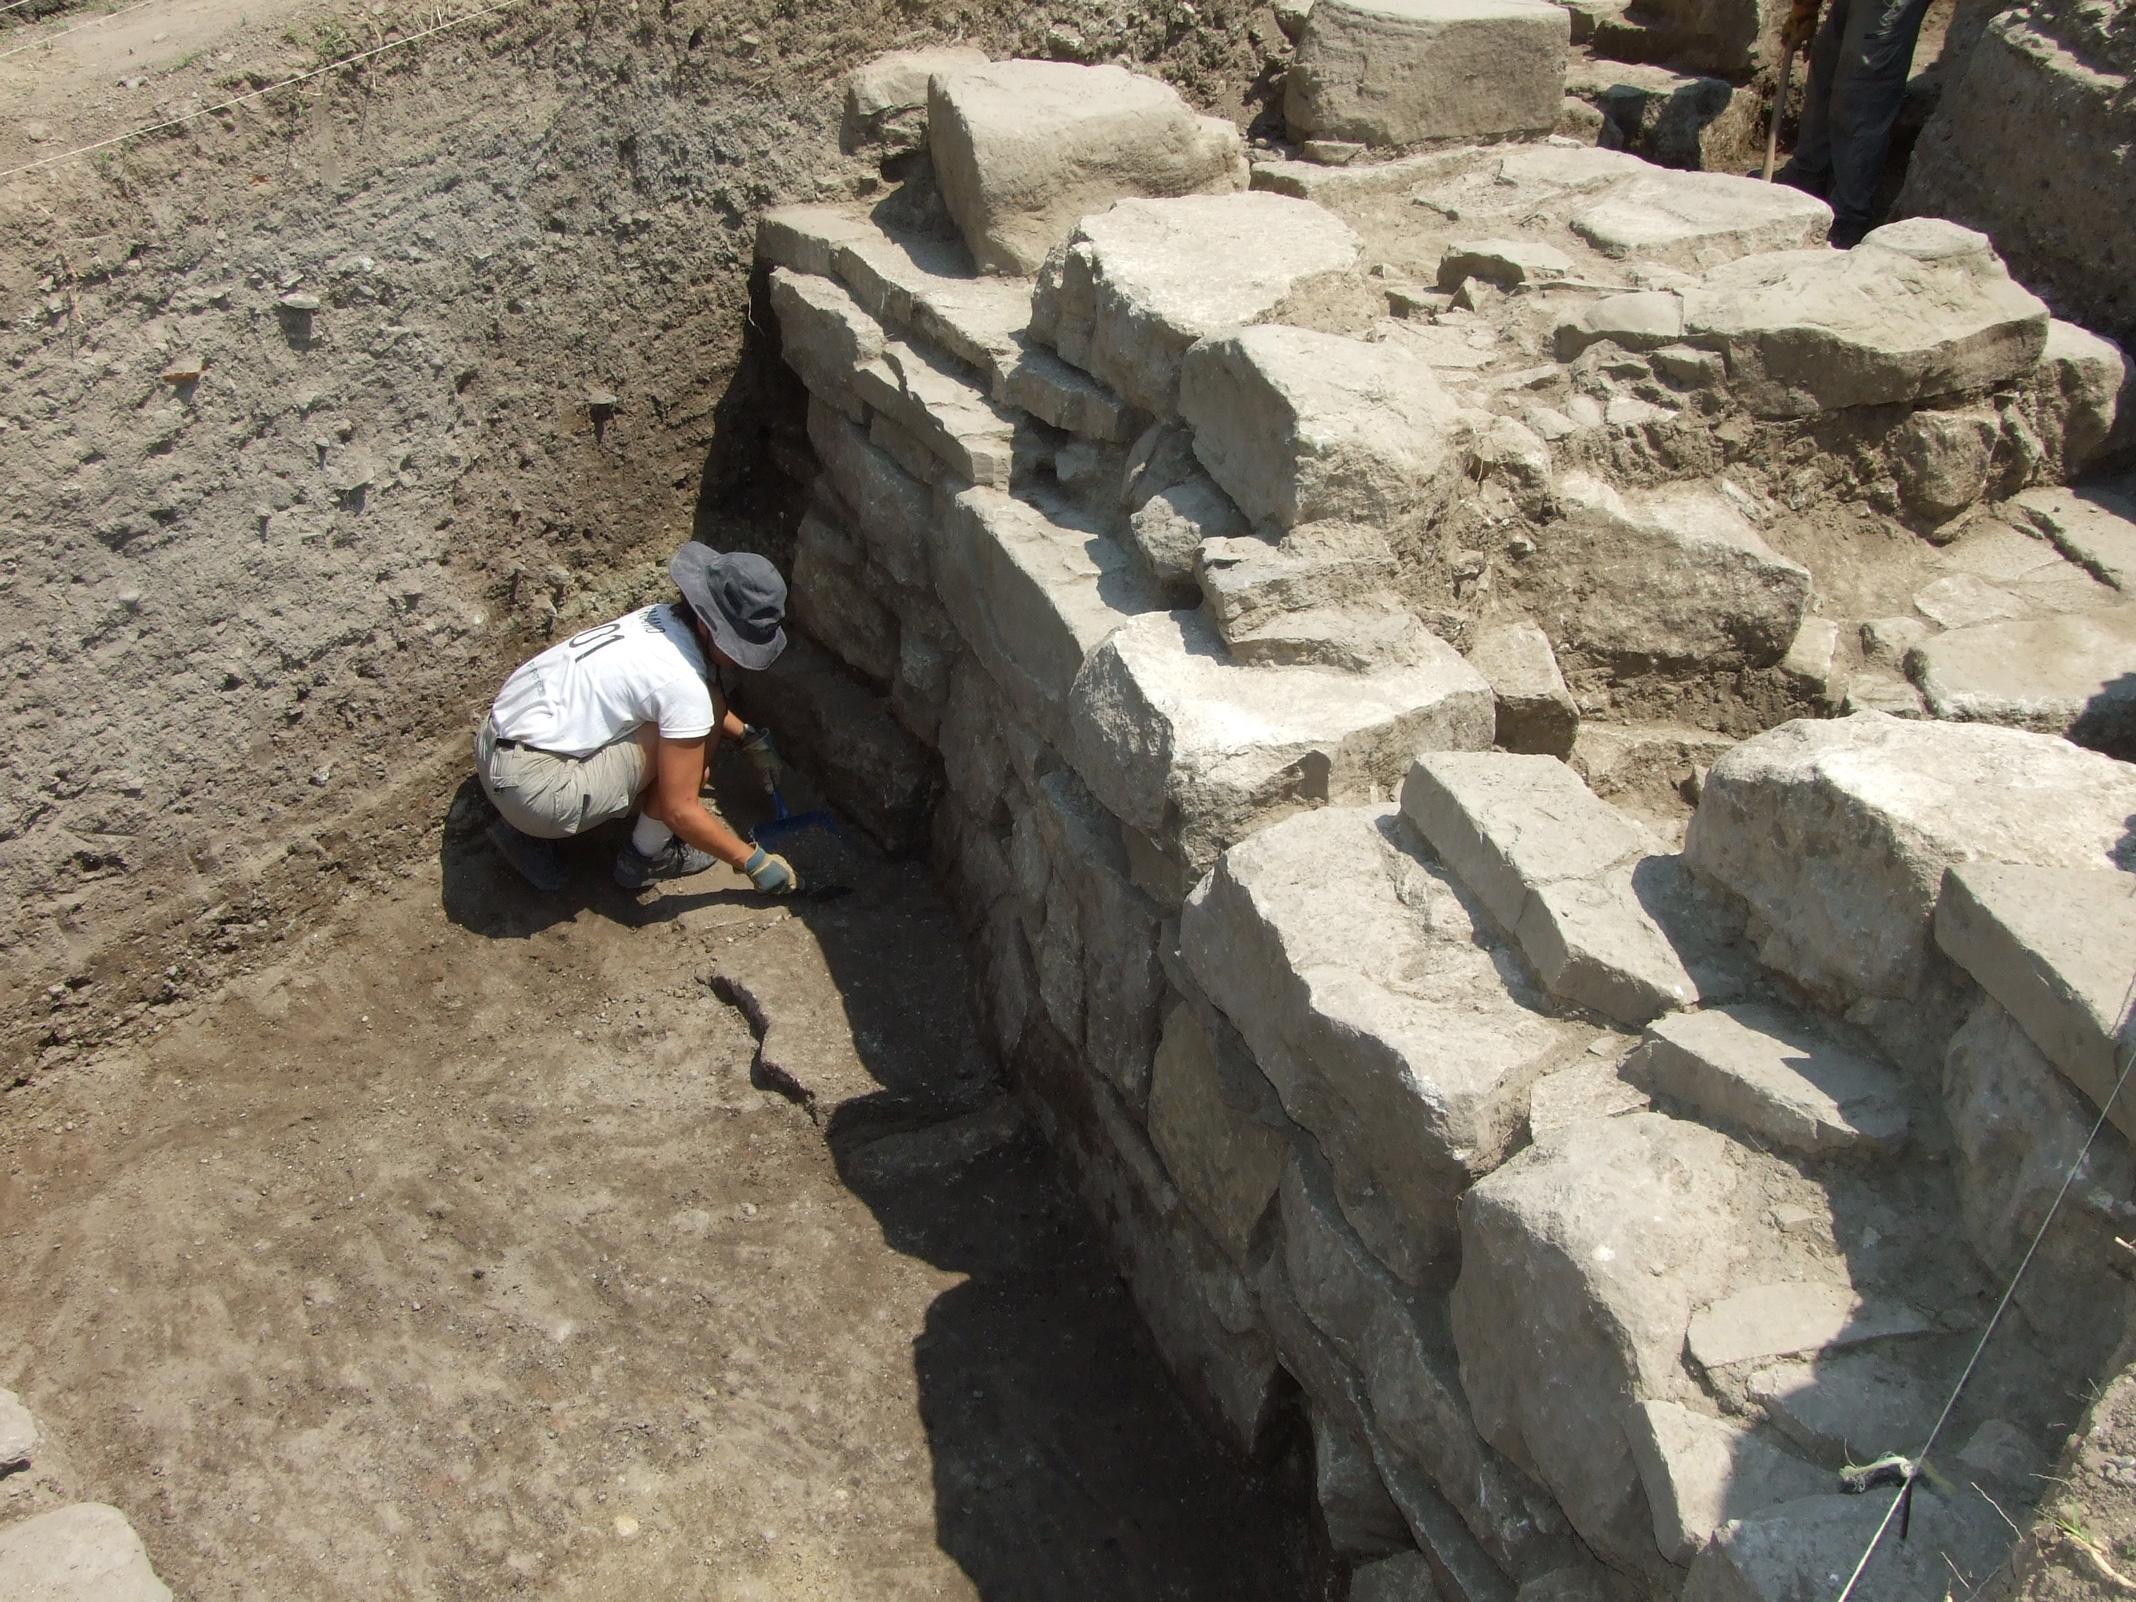 http://www.tfahr.org/images/2010FAlb031.jpg